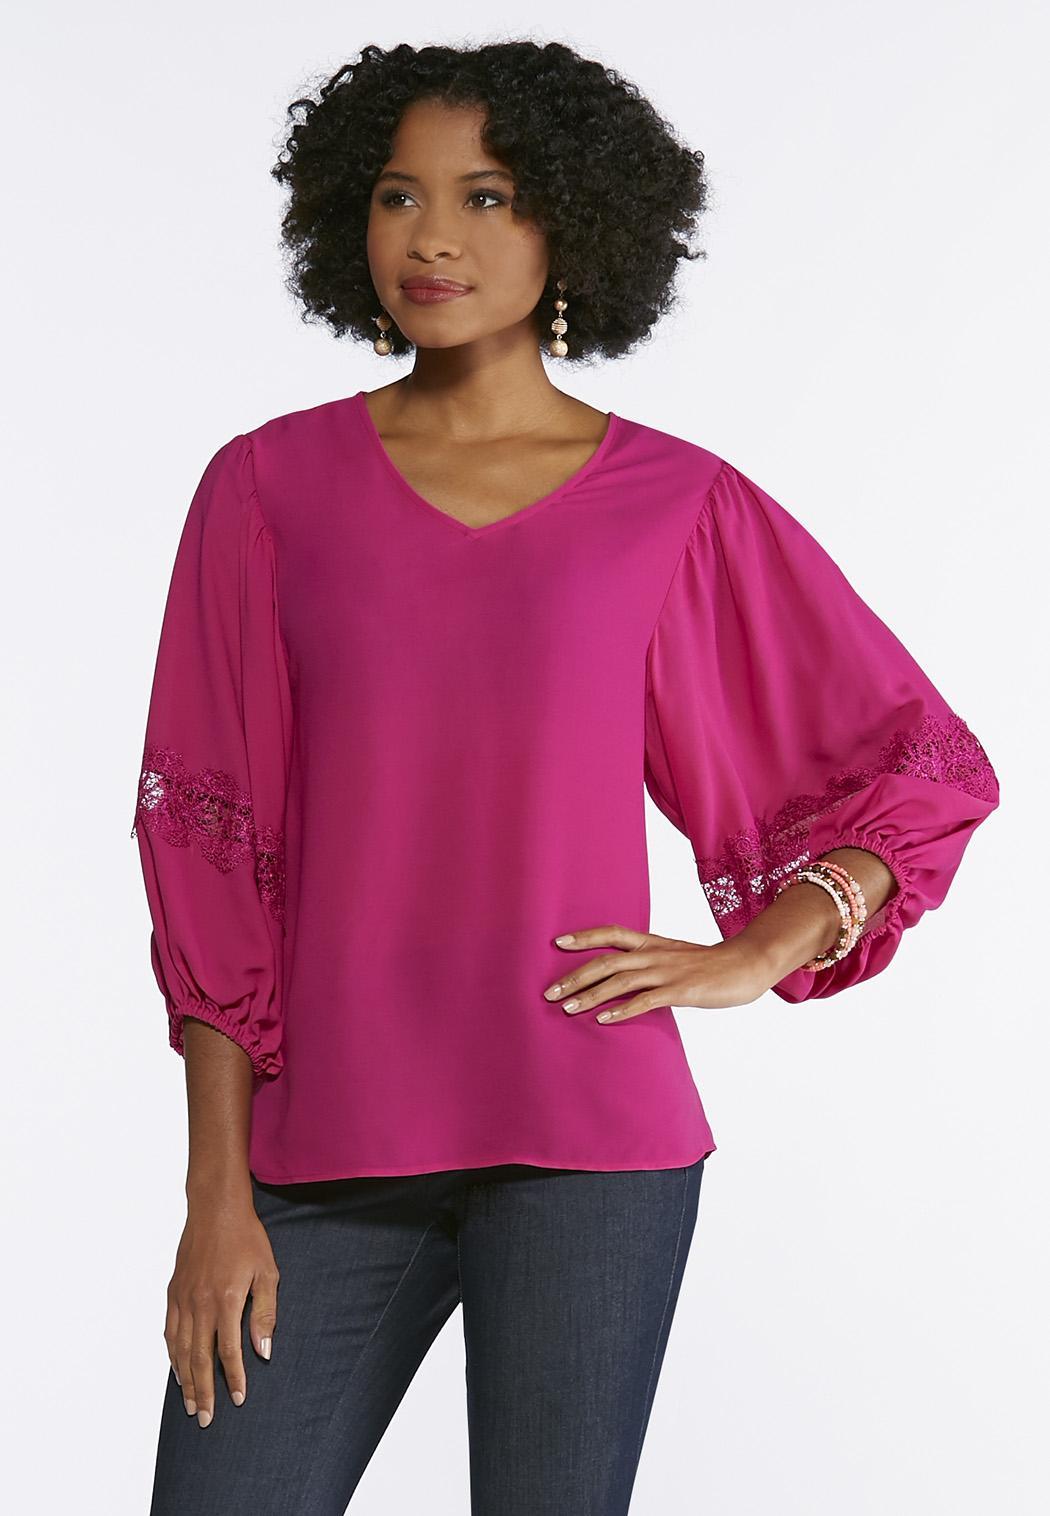 Women\'s Clothing sizes 2-16